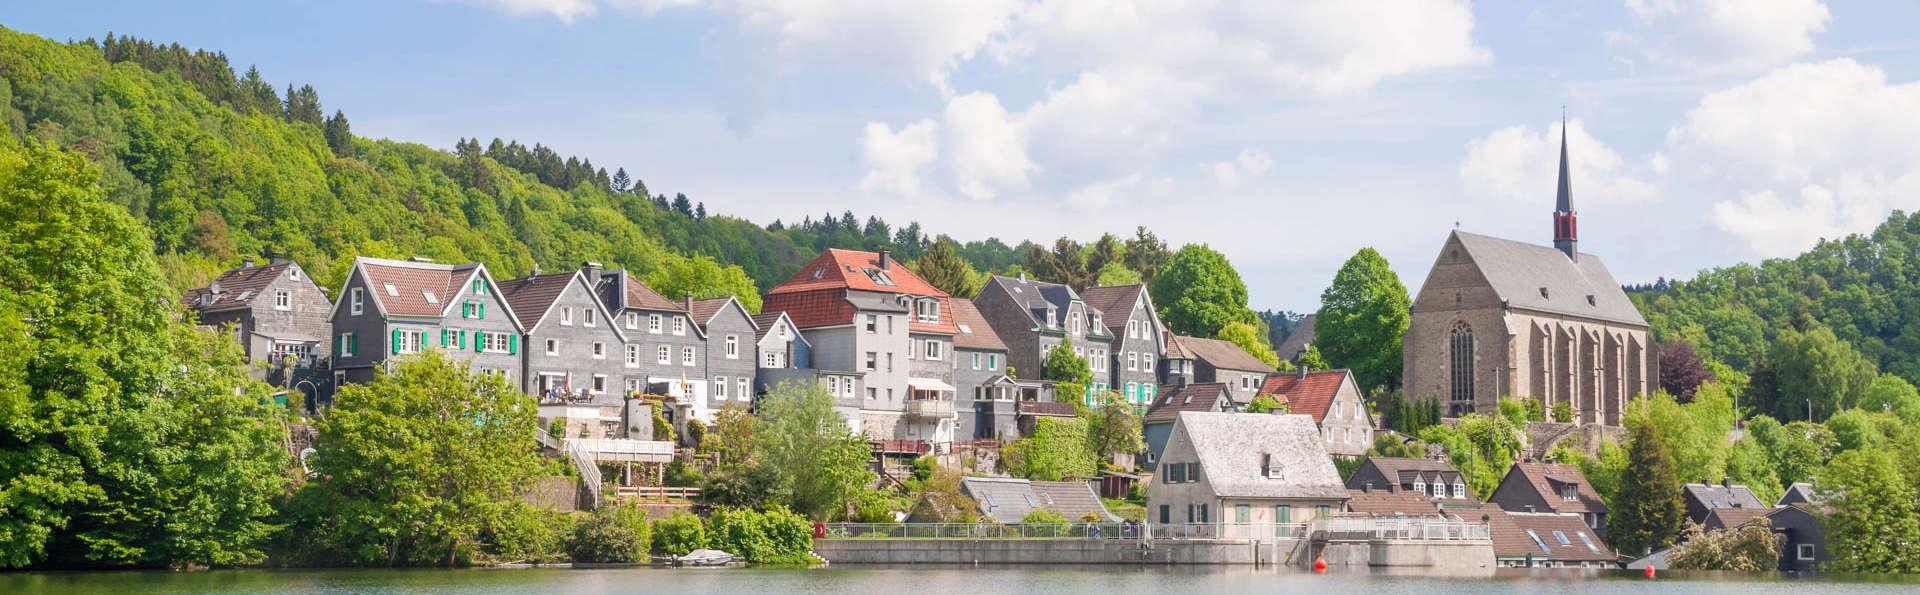 ¡Descubre Wuppertal, la ciudad más verde de Alemania!